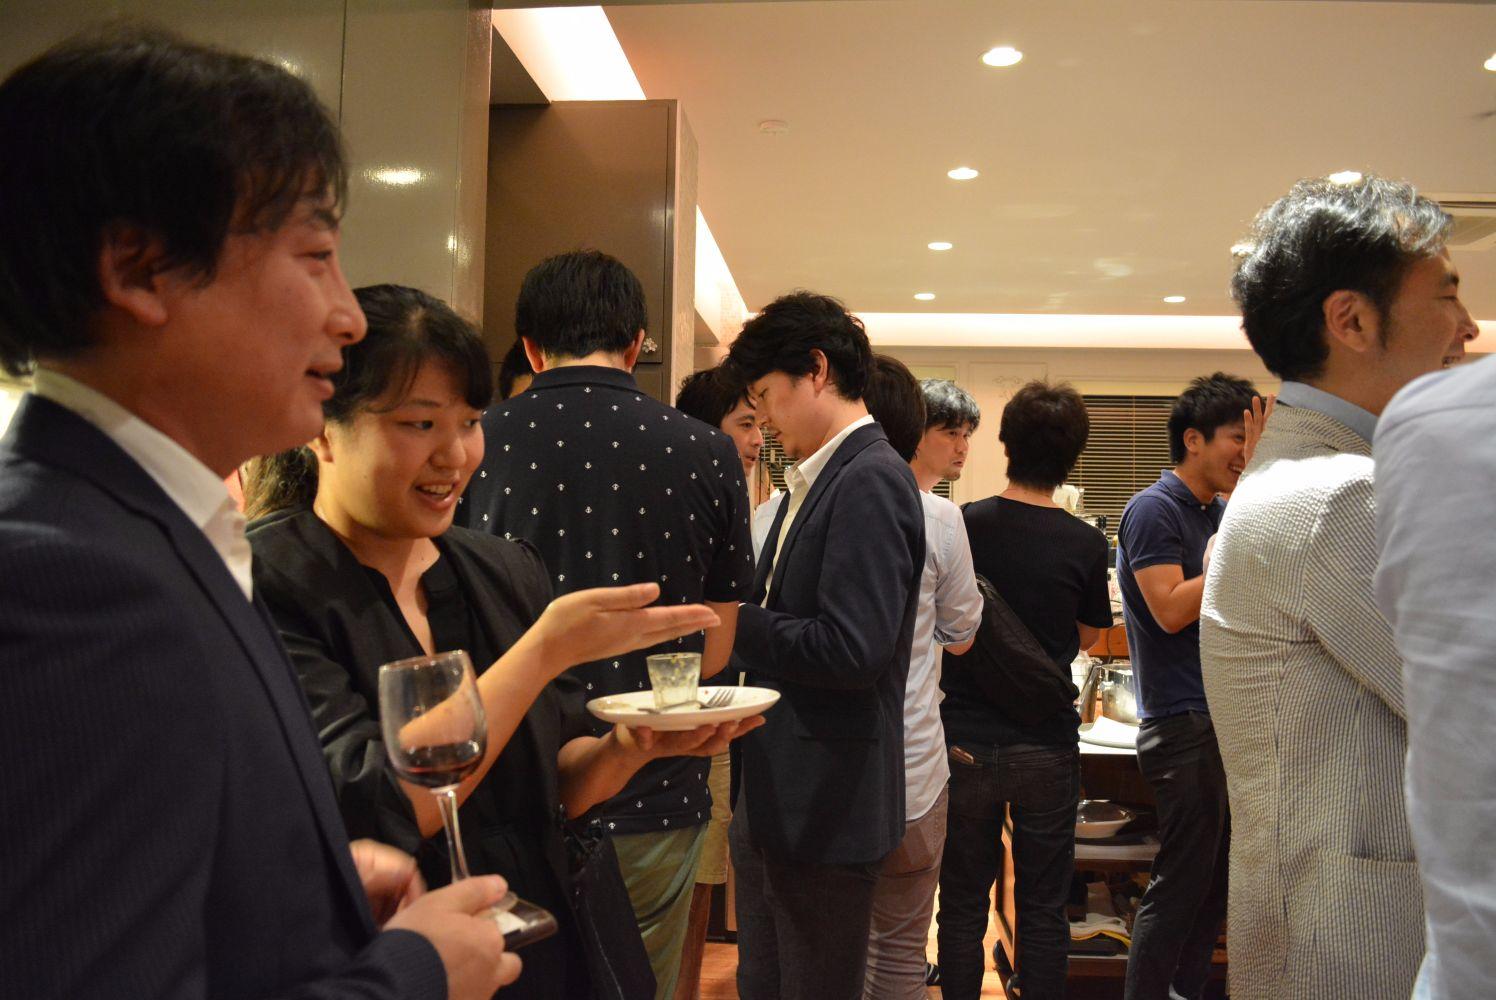 Meetup!